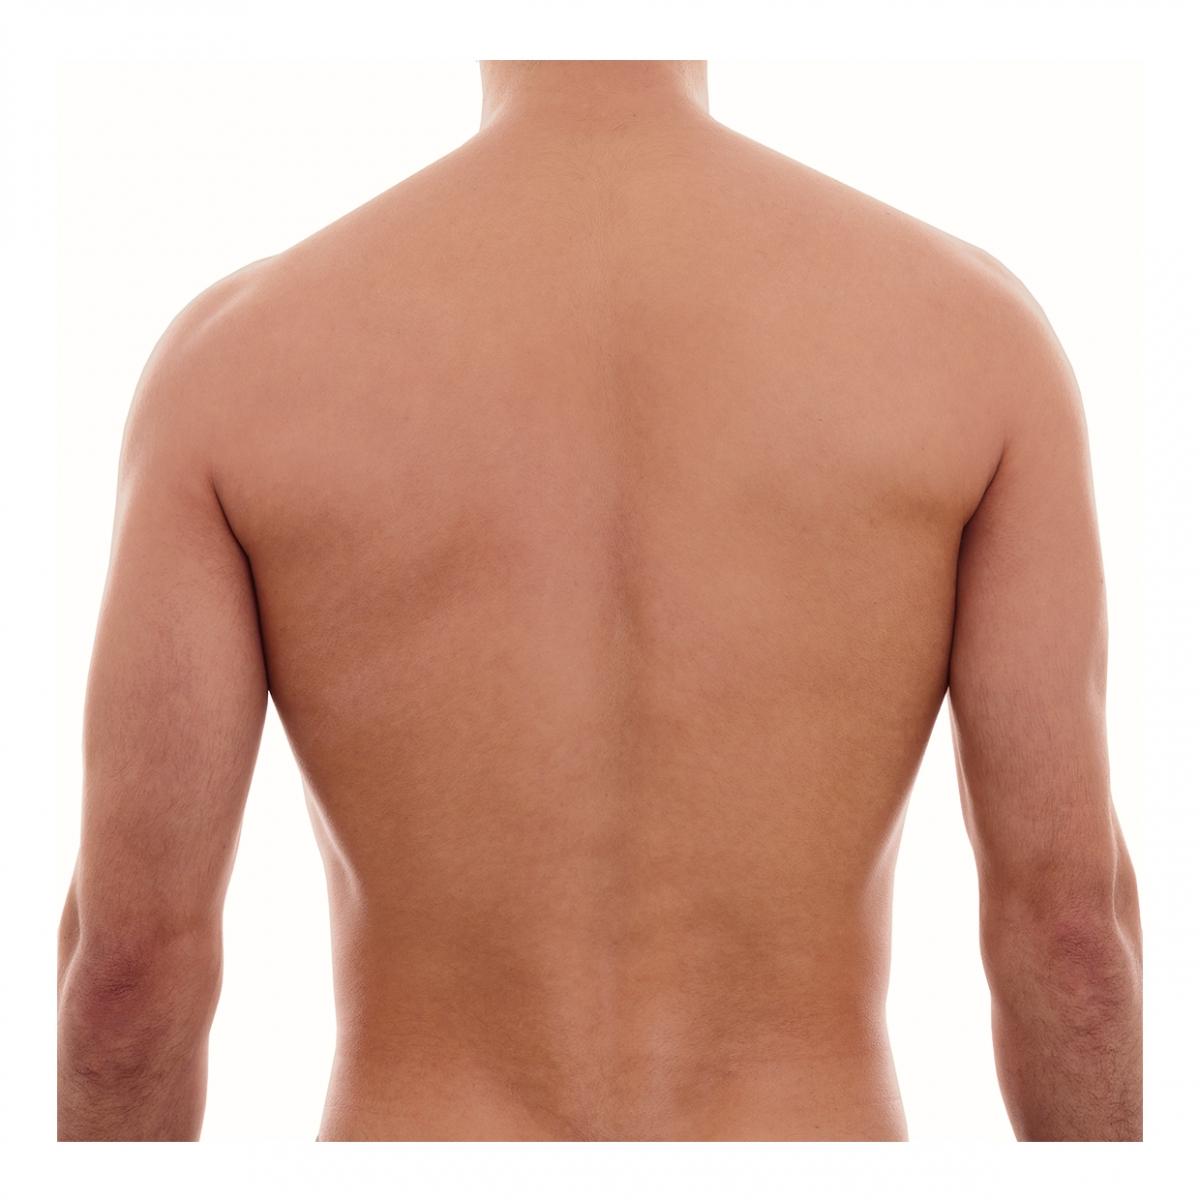 Imagen en la que se ve una espalda humana